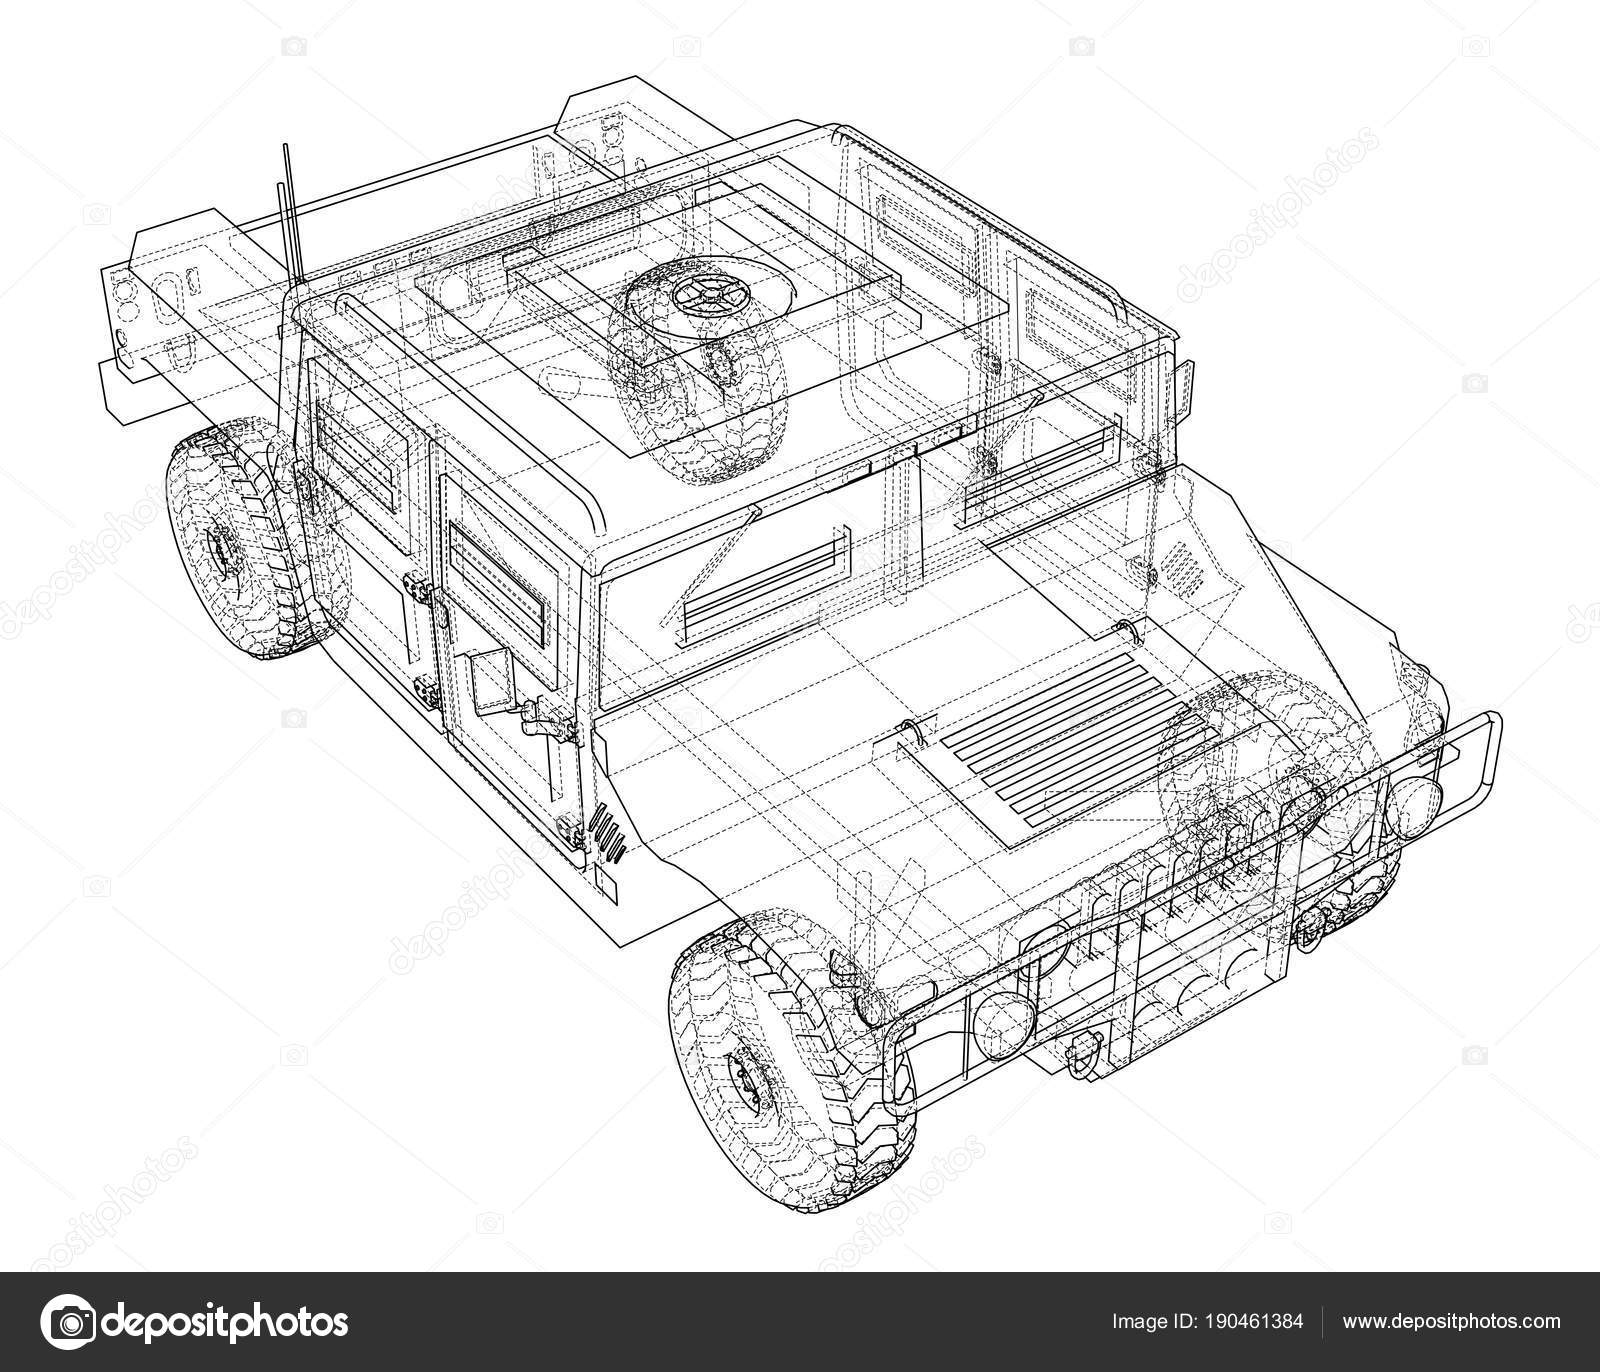 Auto Bauplan zu bekämpfen — Stockfoto © cherezoff #190461384